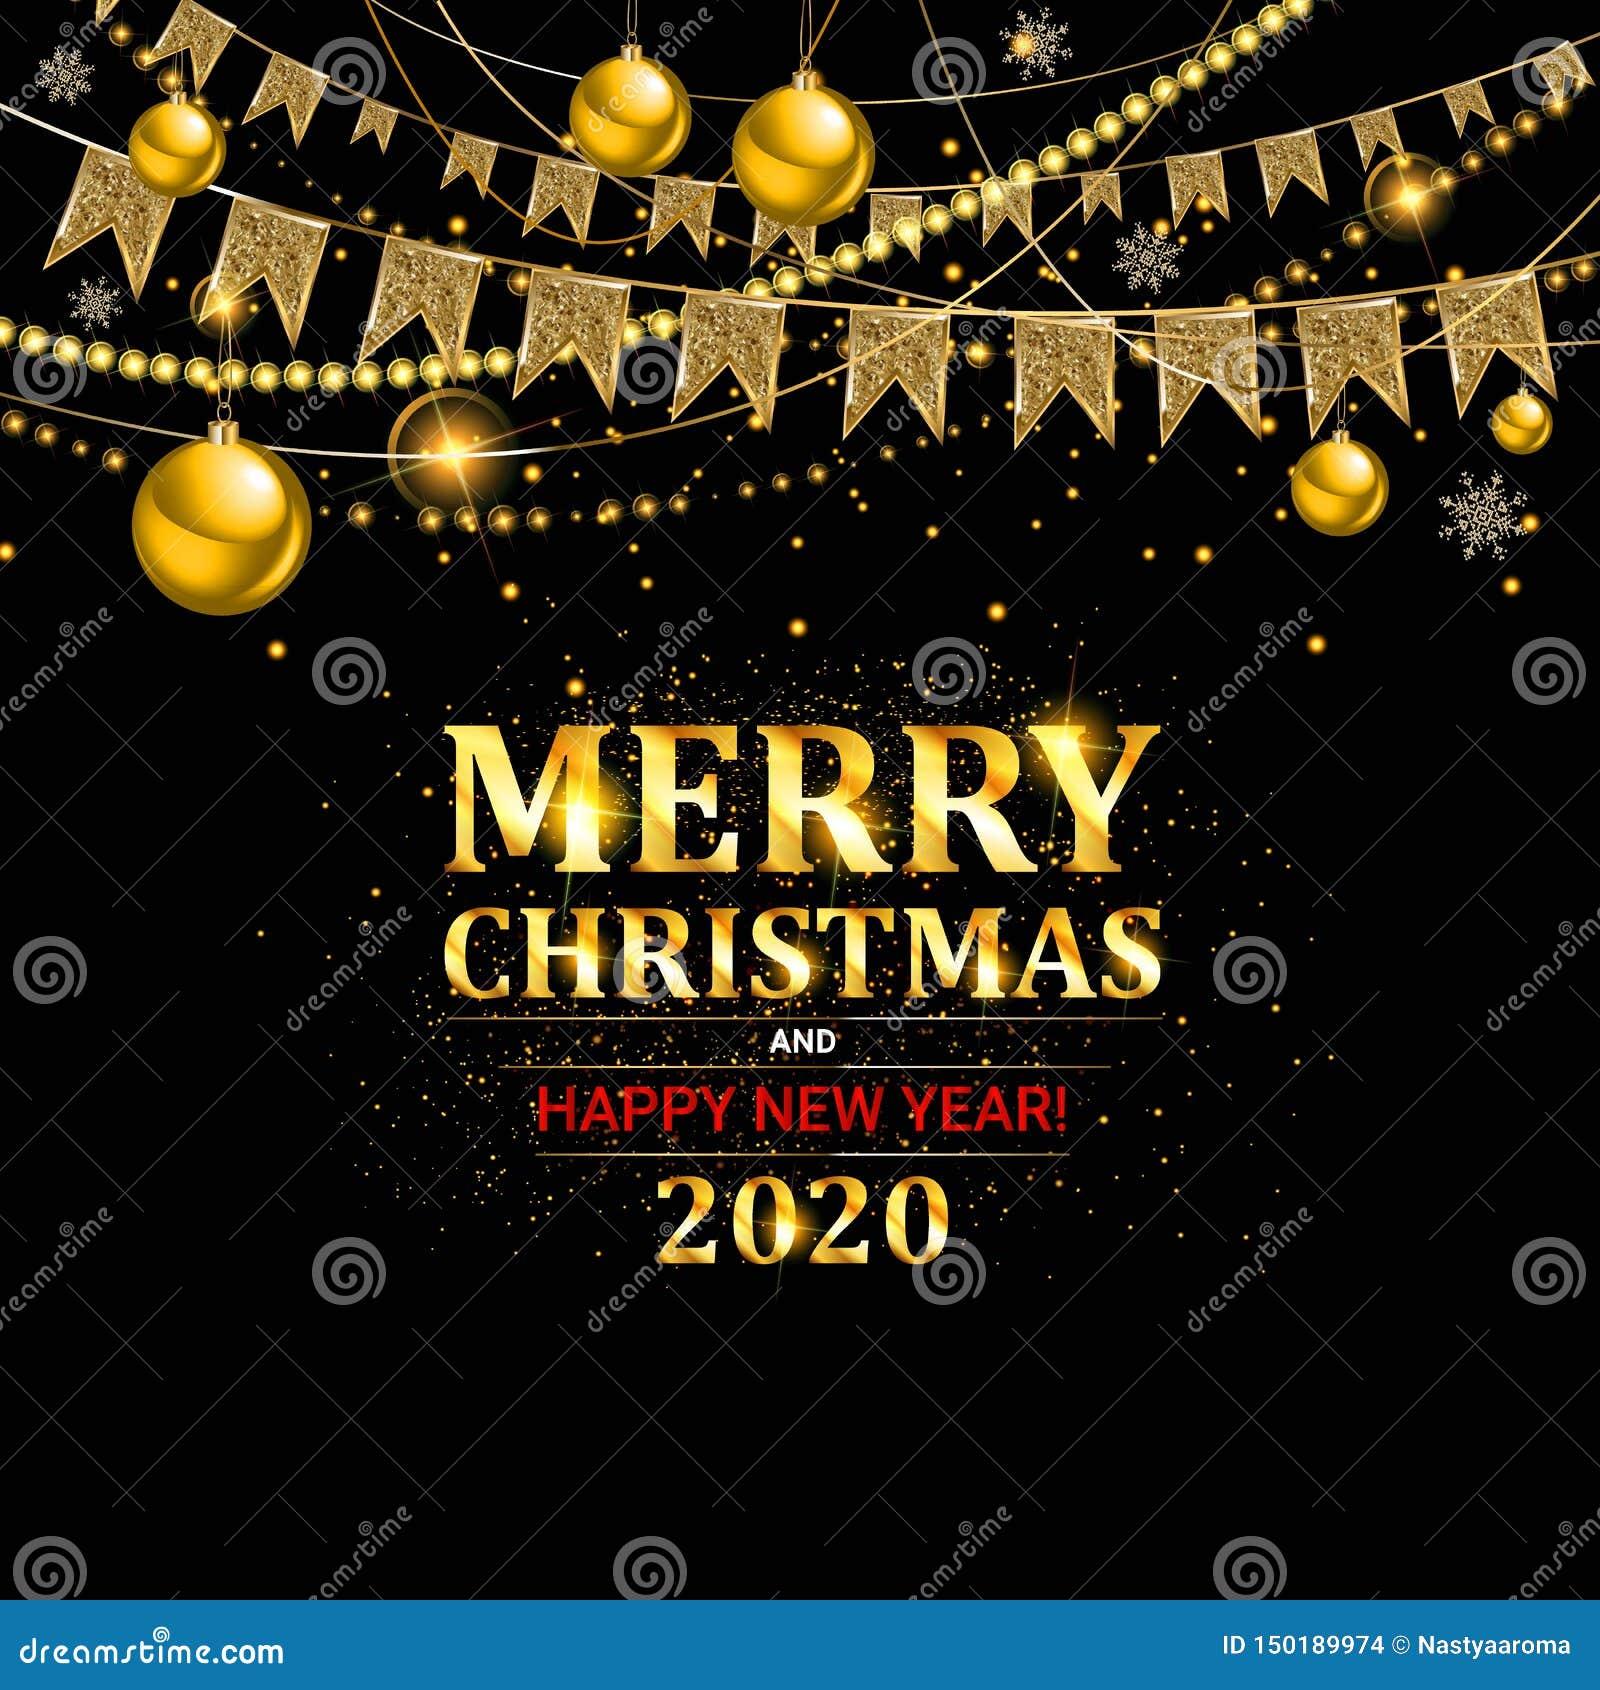 Feliz Fiesta De Navidad Y Feliz Año Nuevo 2020 Ilustración